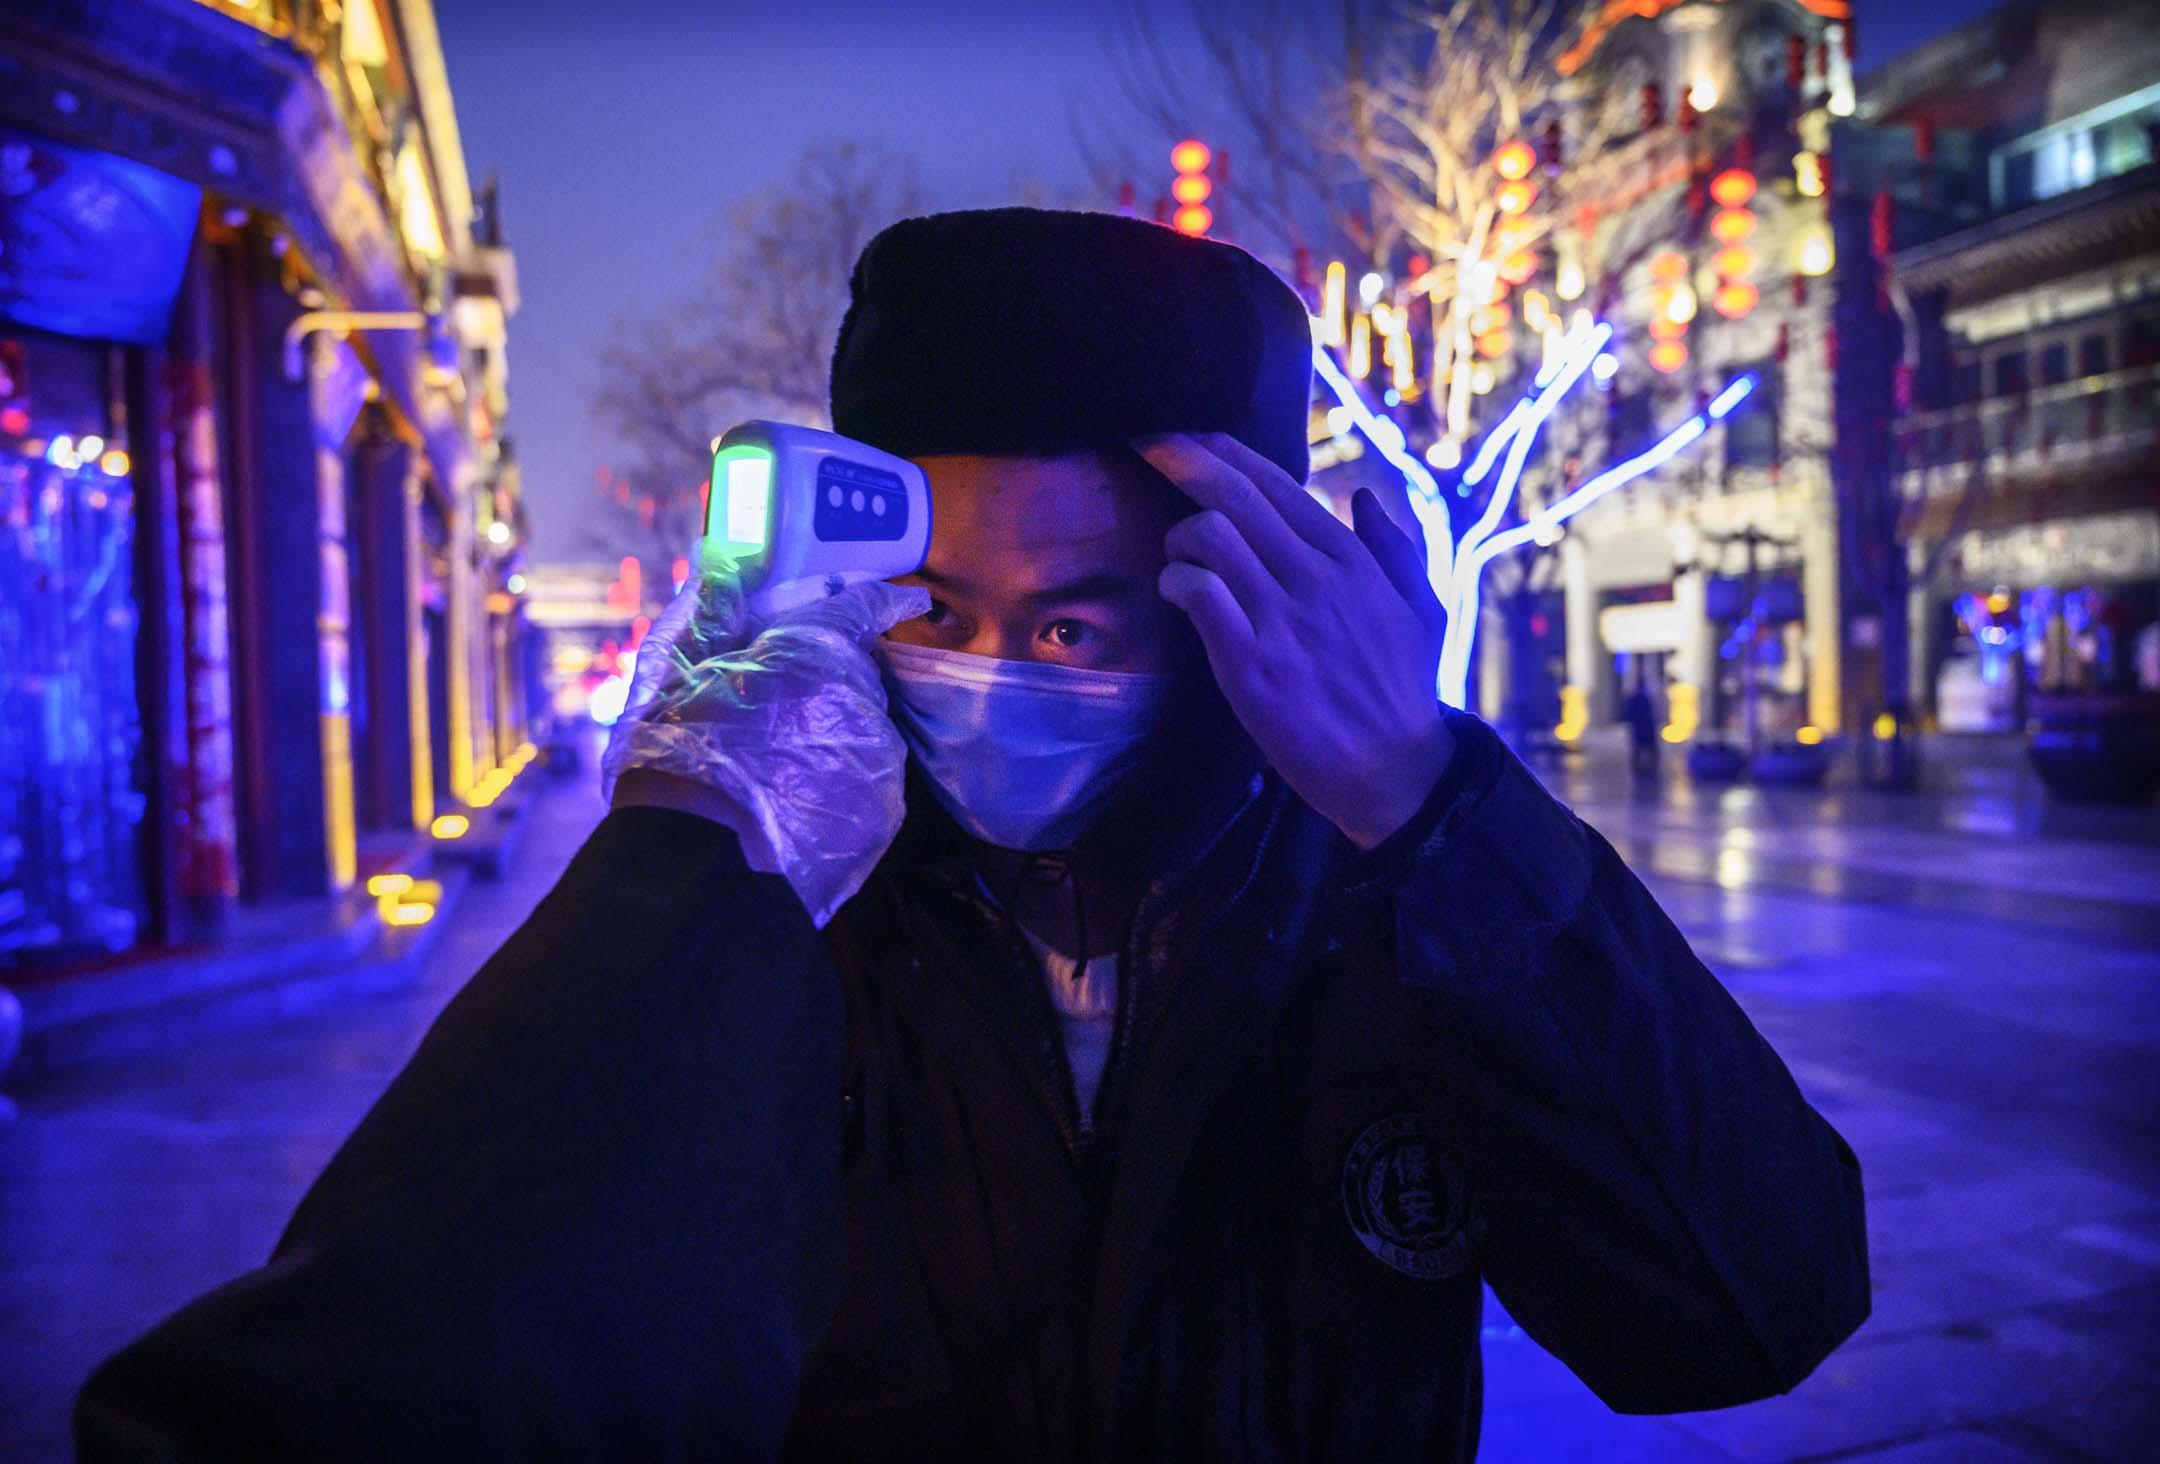 2020年2月12日,北京一條空曠的商業街上,一名戴著防護口罩的工人正被檢測體溫。  攝:Kevin Frayer/Getty Images